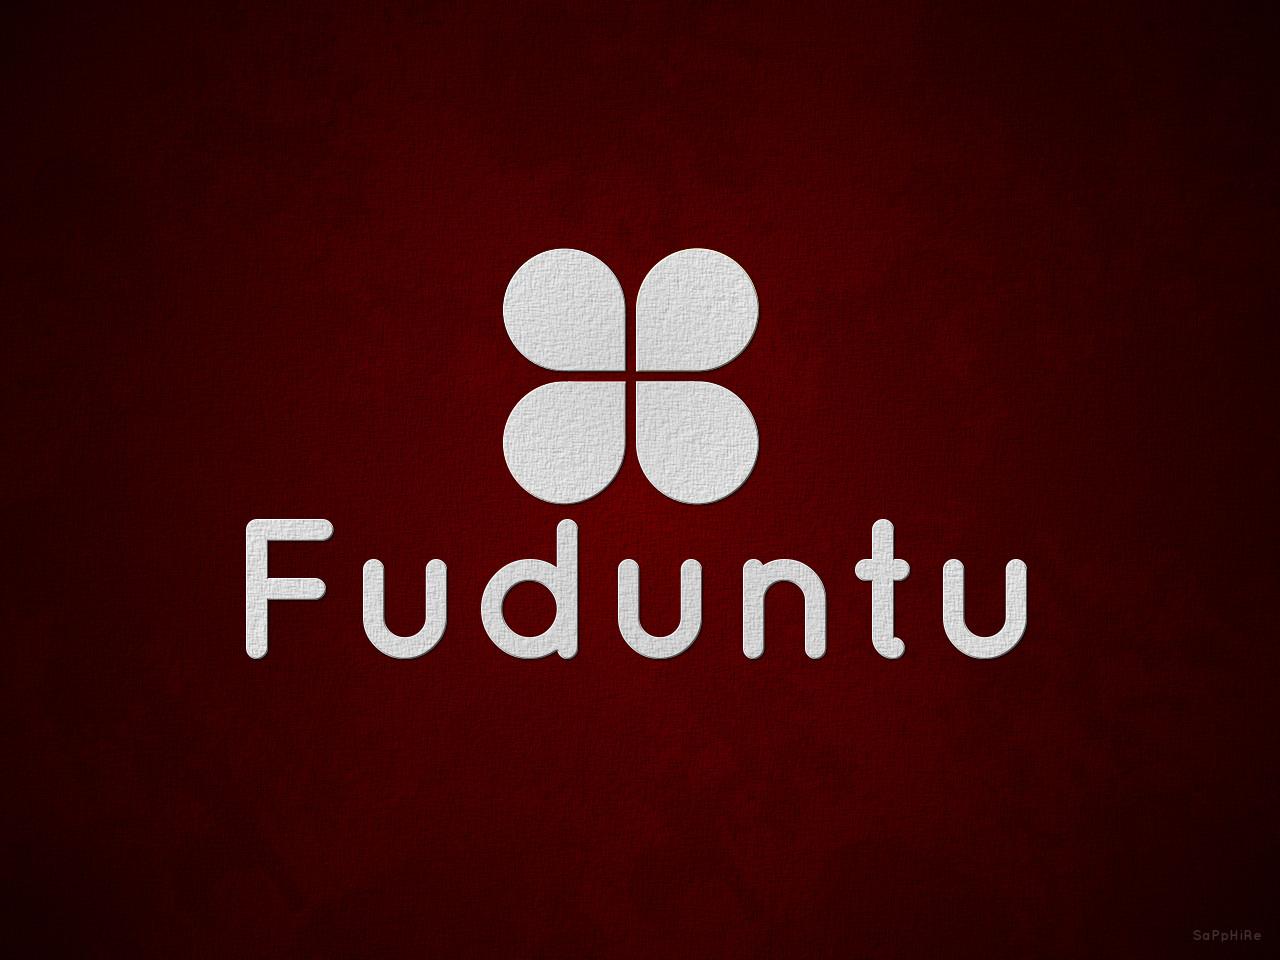 fuduntu_rojo by sapphire